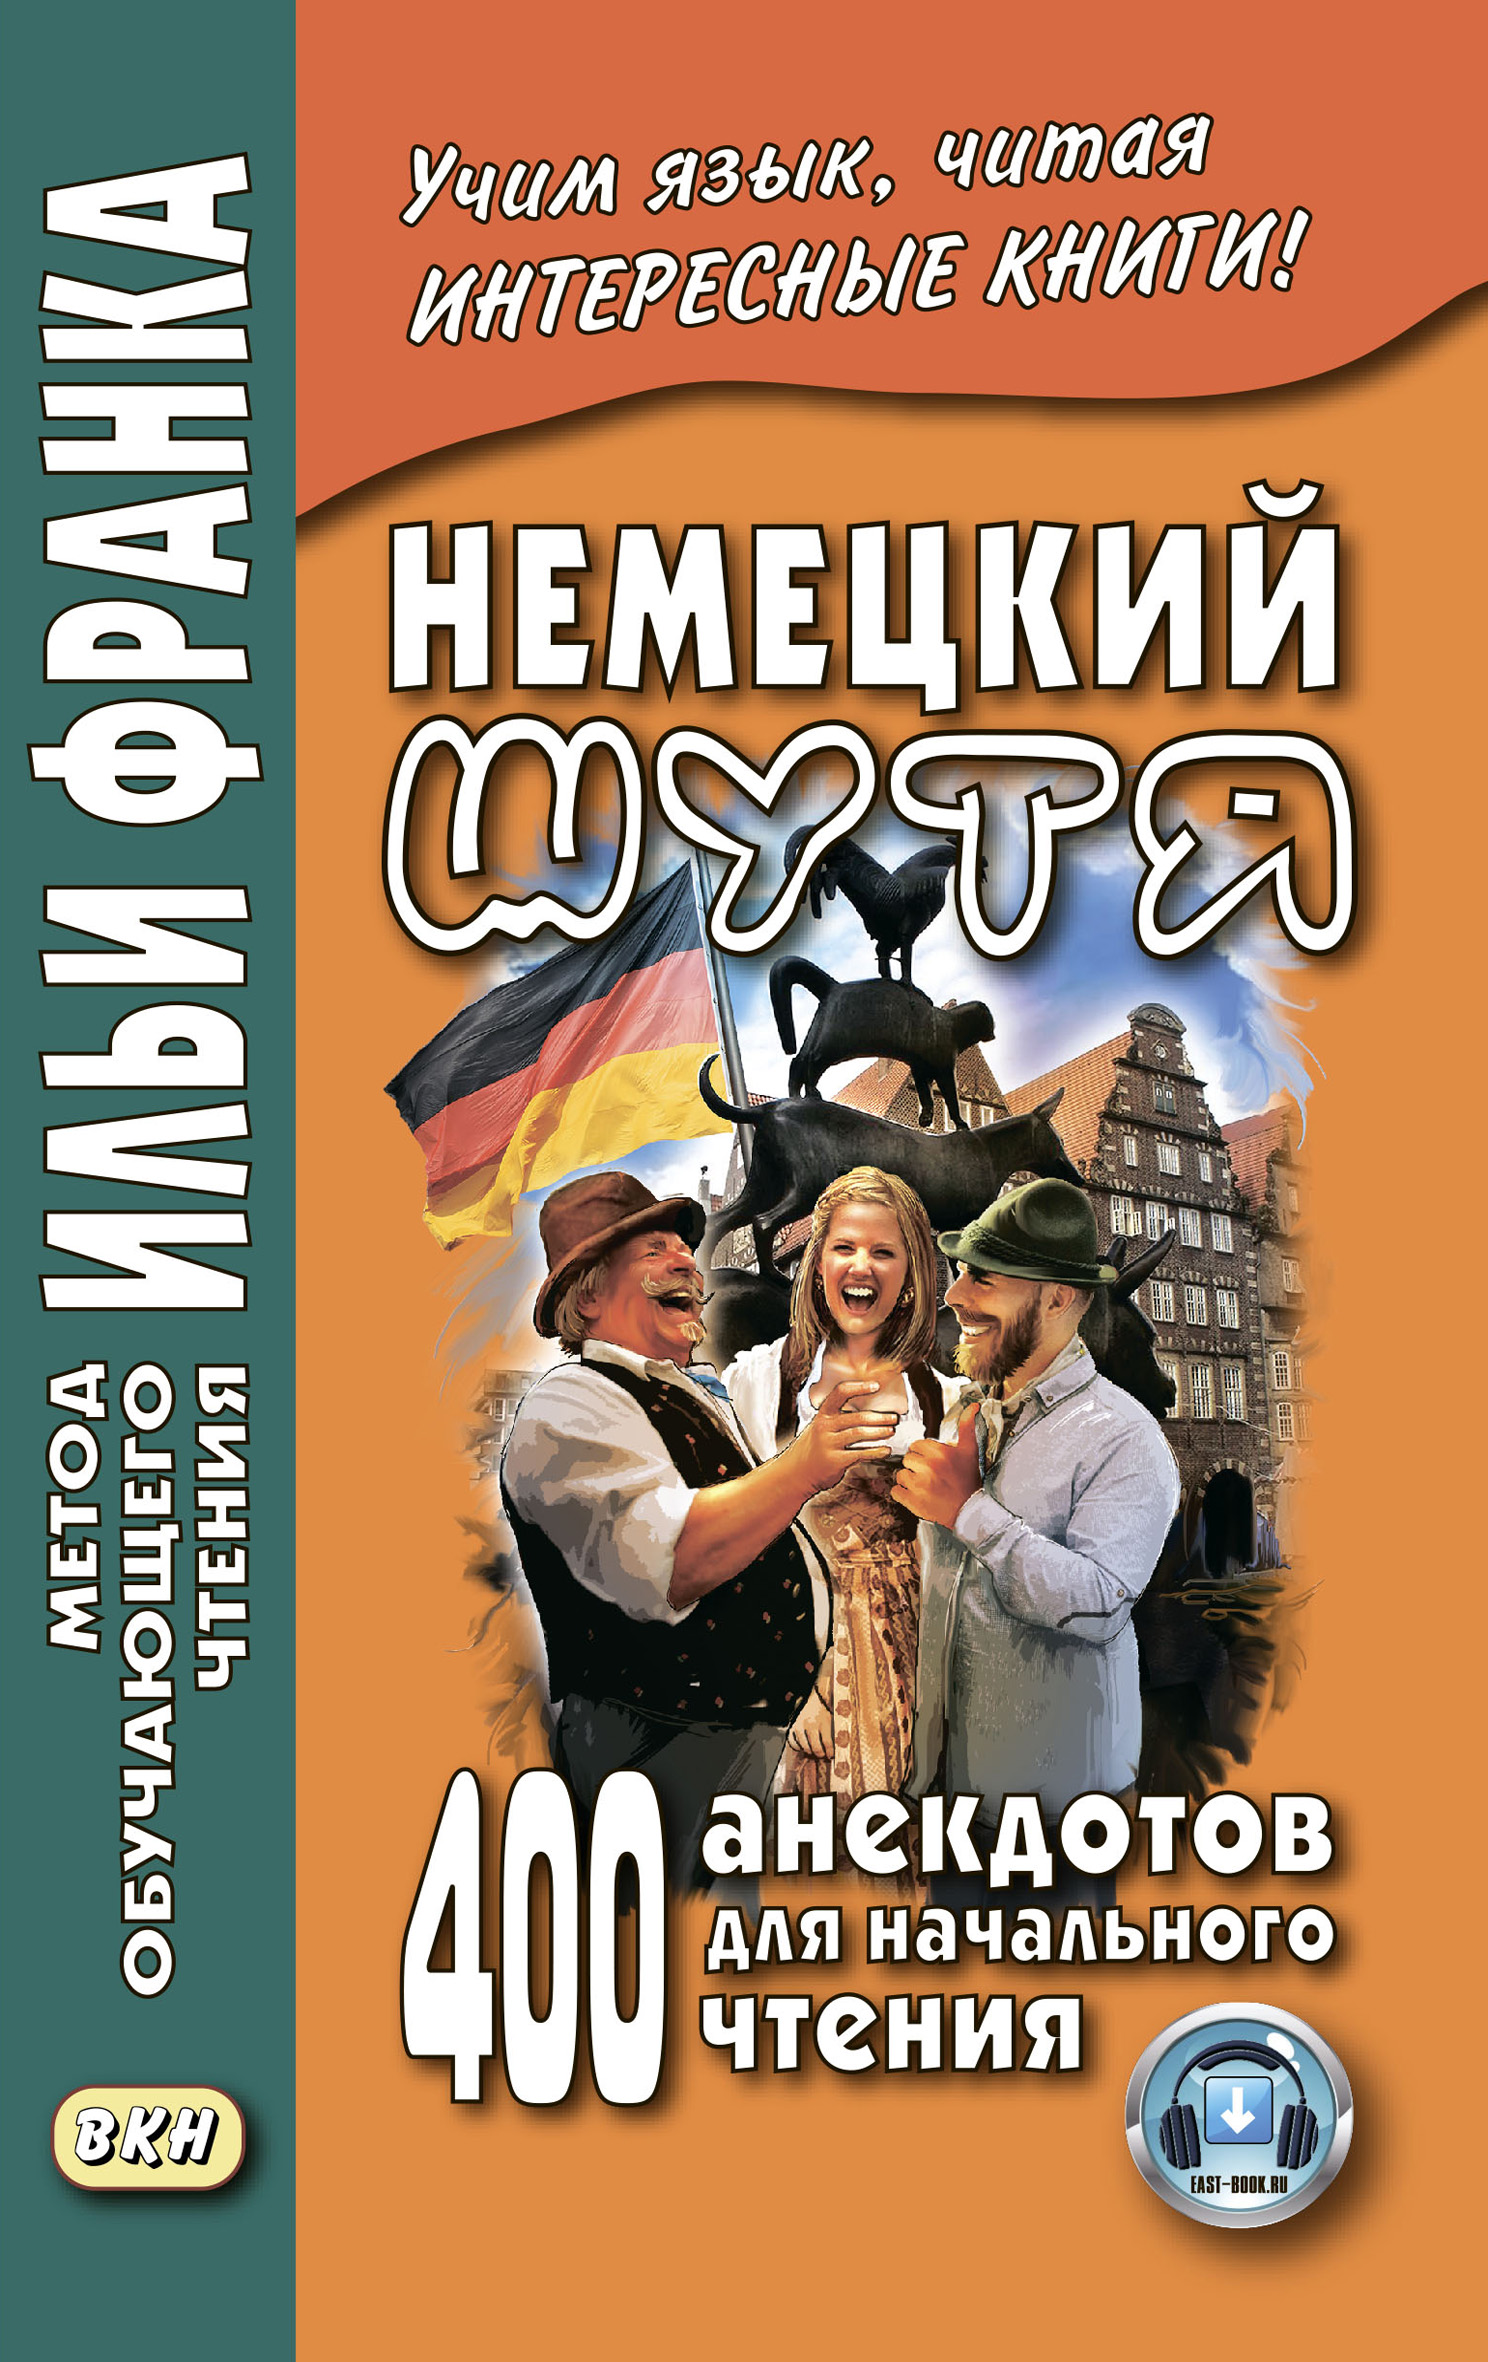 Купить книгу Немецкий шутя. 400 анекдотов для начального чтения, автора